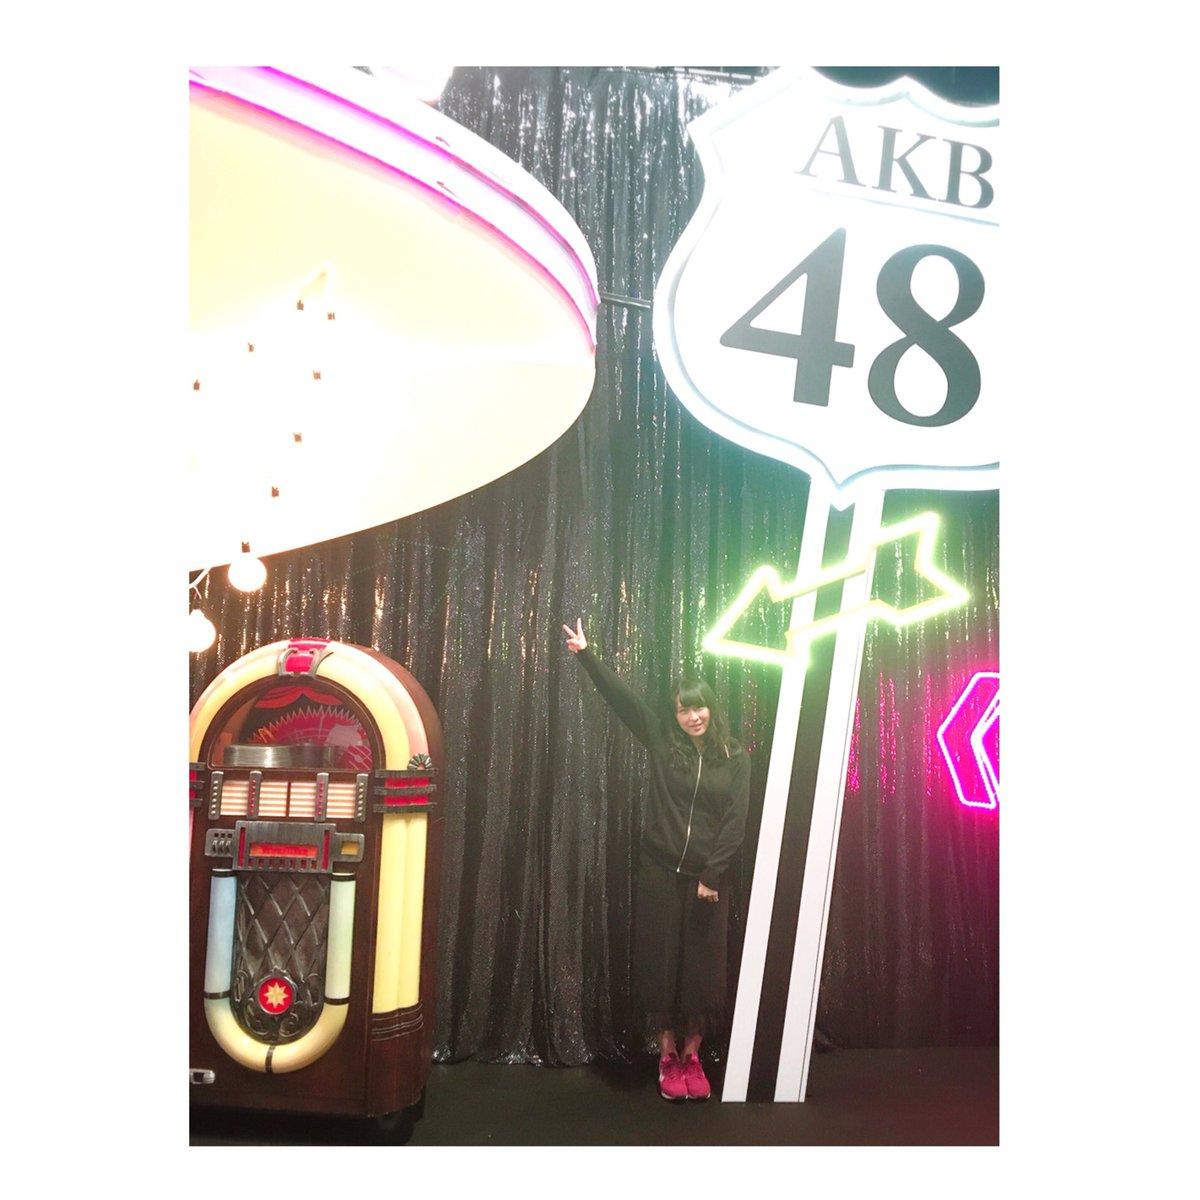 ★柿崎芽実cファン倶楽部 地下売上議論20938★ [無断転載禁止]©2ch.netYouTube動画>1本 ->画像>357枚